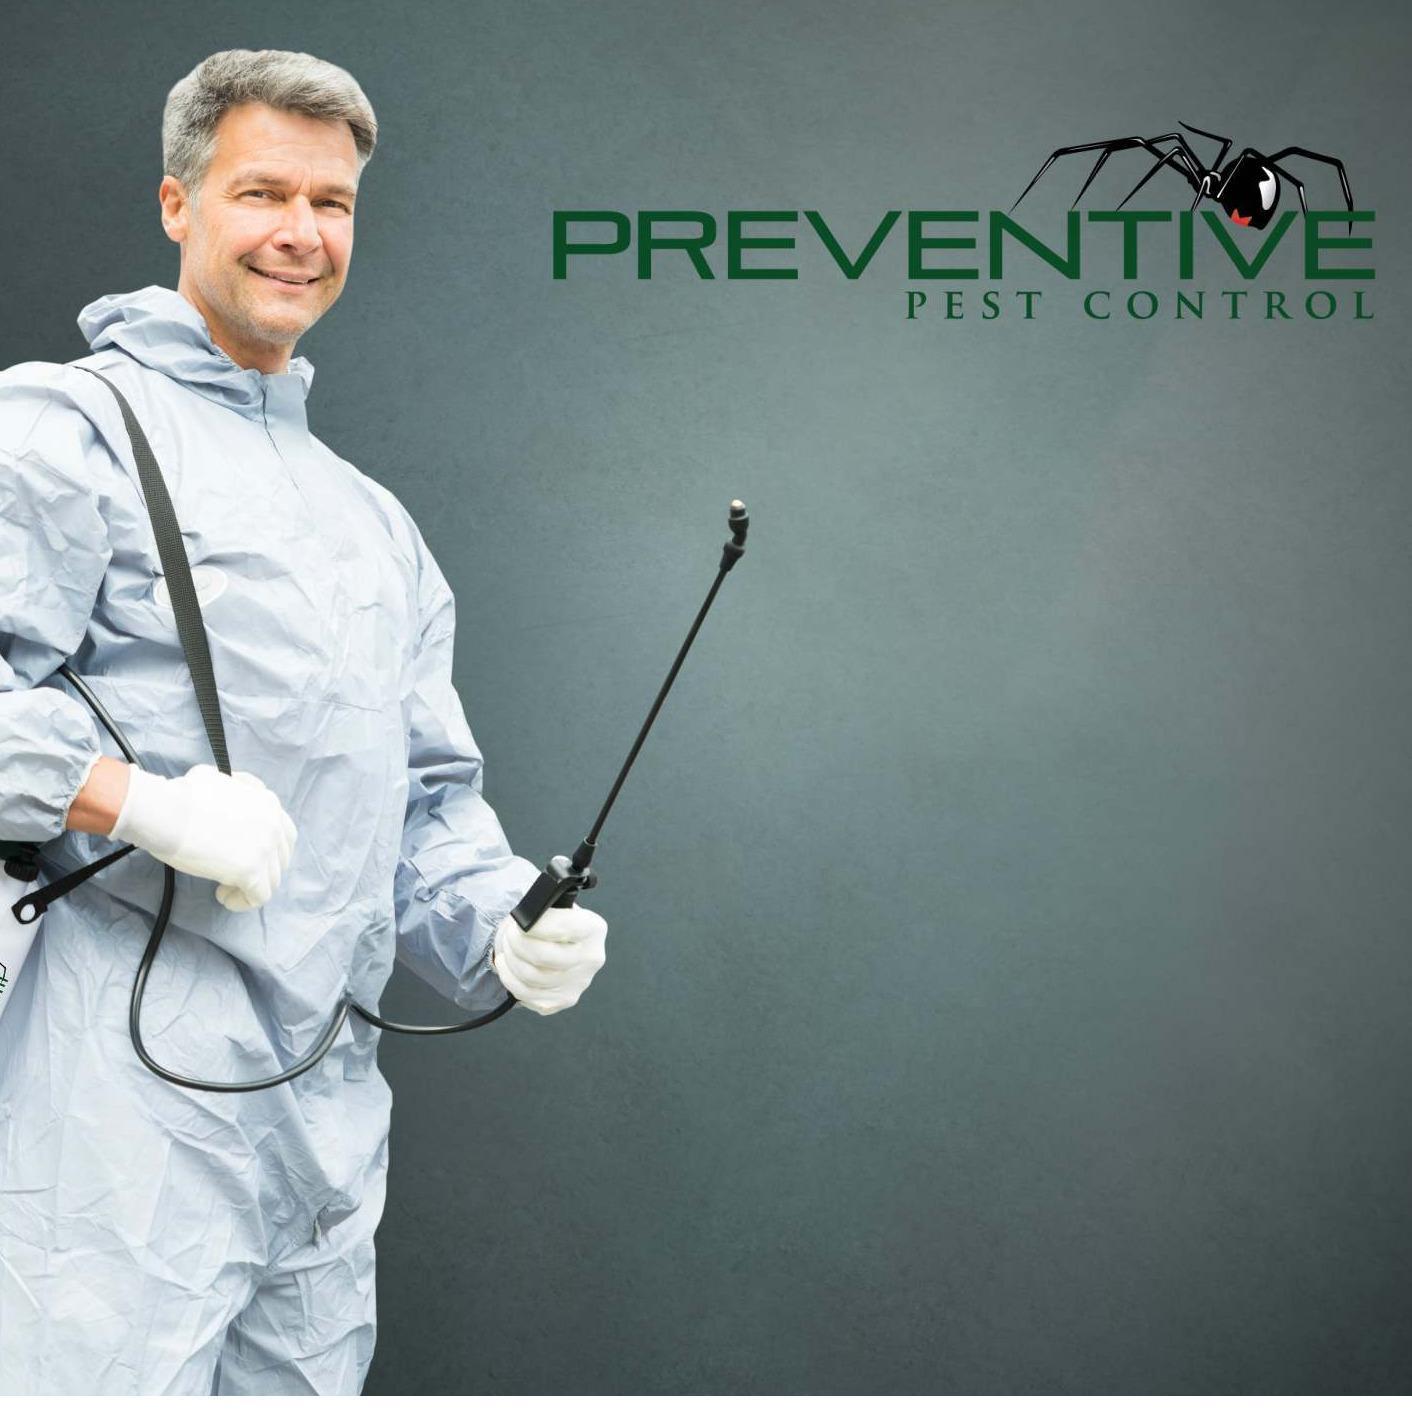 Preventive Pest Control in Phoenix